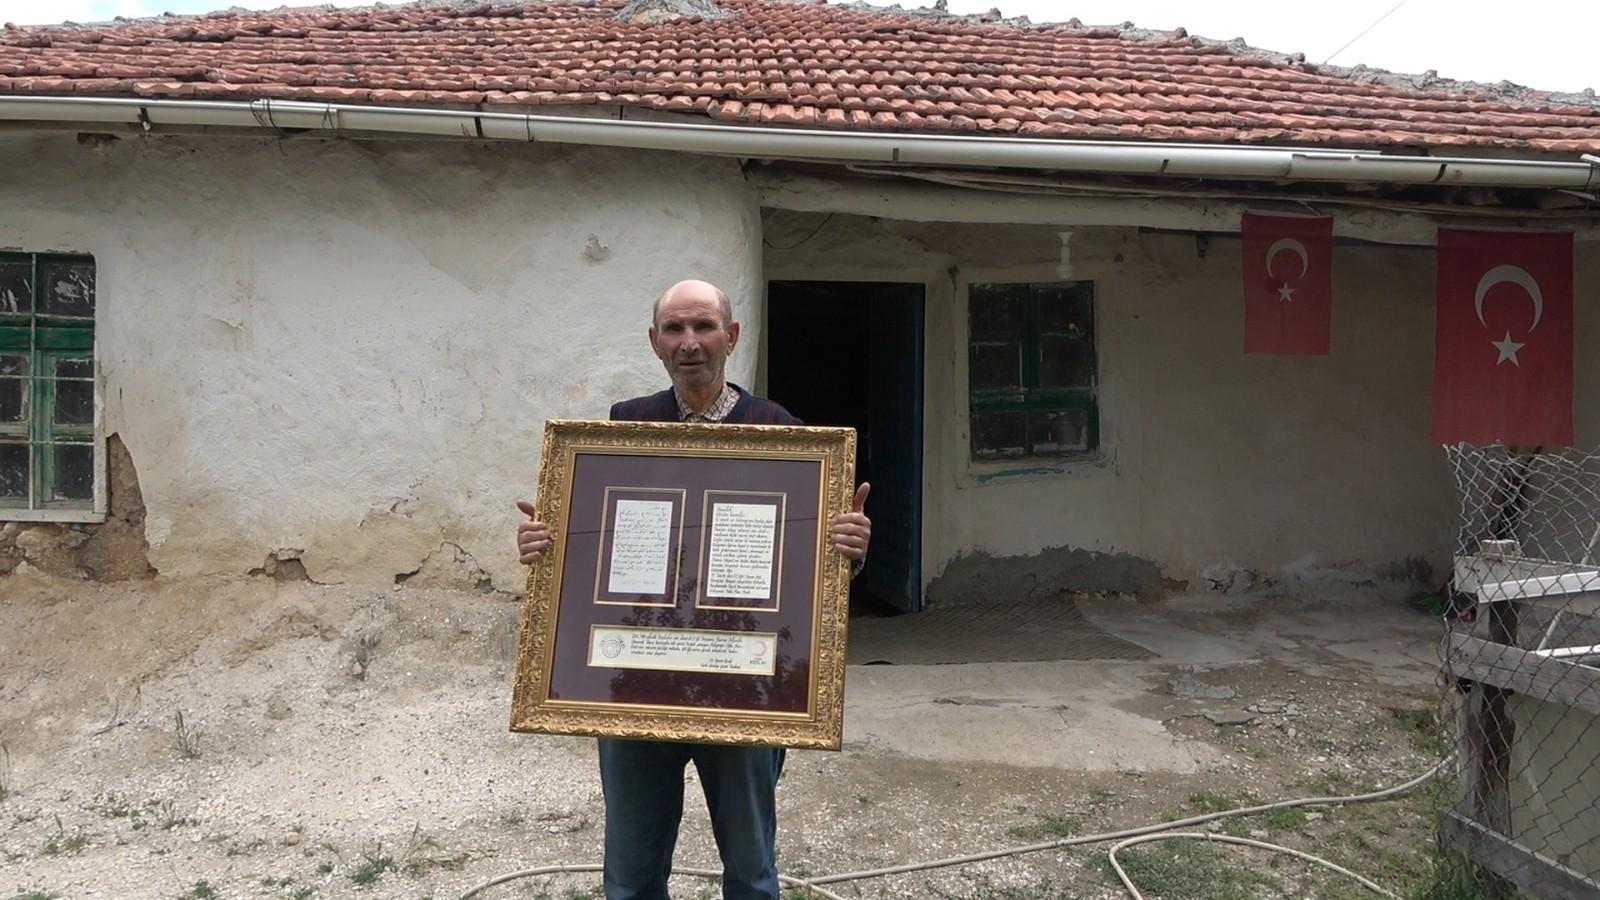 Yemen'de esir düşen Kırıkkaleli Hacı Dede'nin mektubu yıllar sonra torunlarına teslim edildi